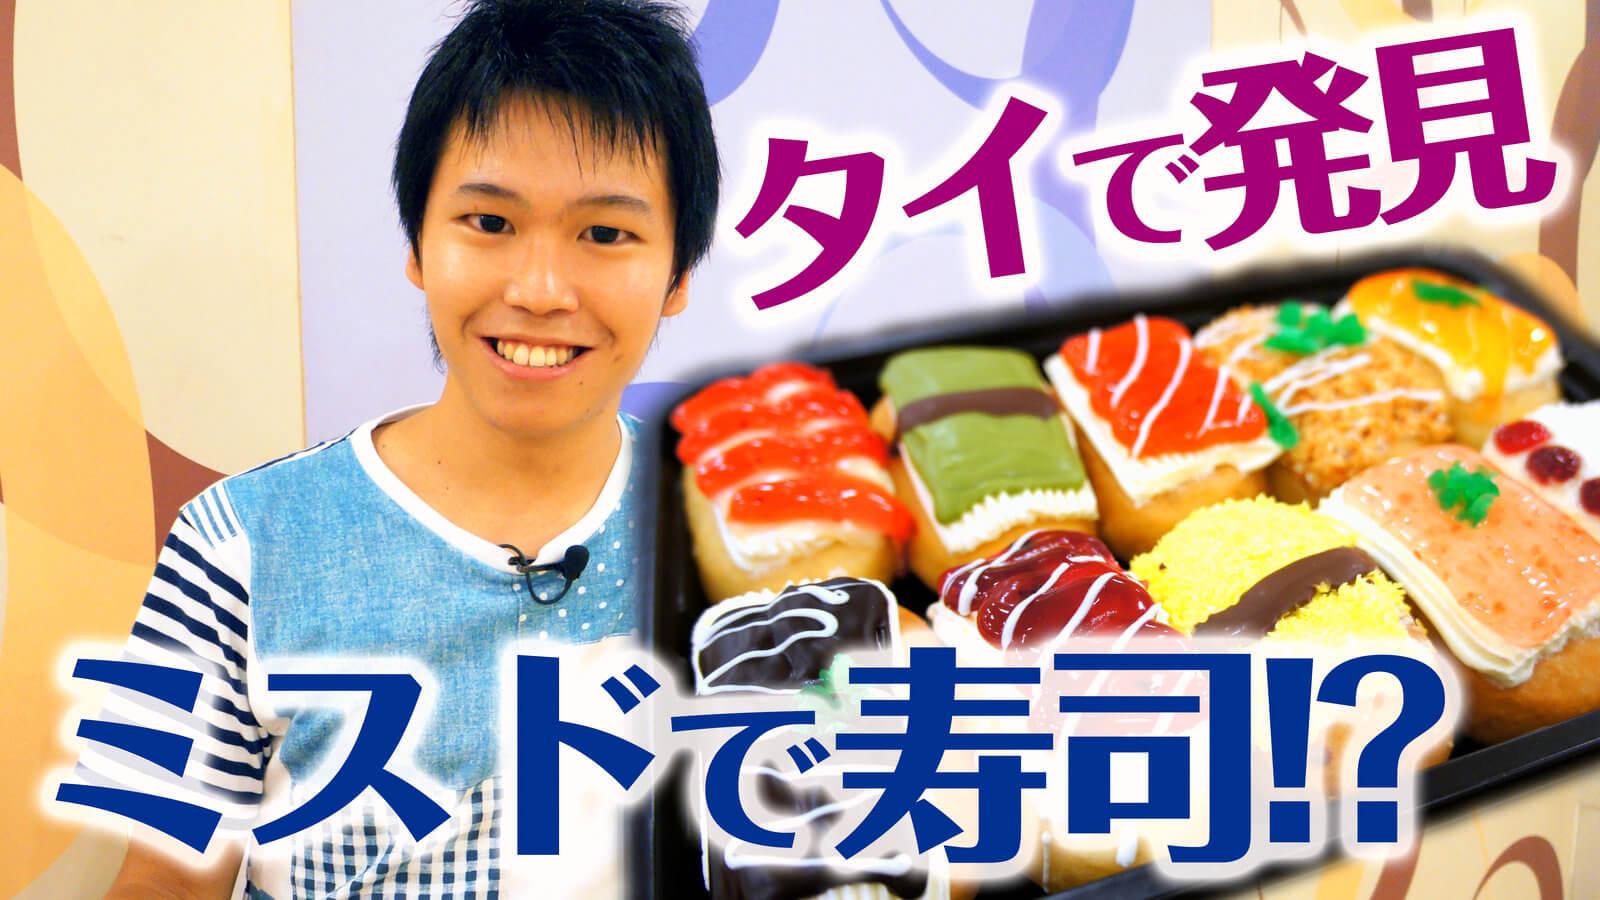 ミスドでお寿司!? タイで発見!驚きの寿司ドーナツ「スシド」